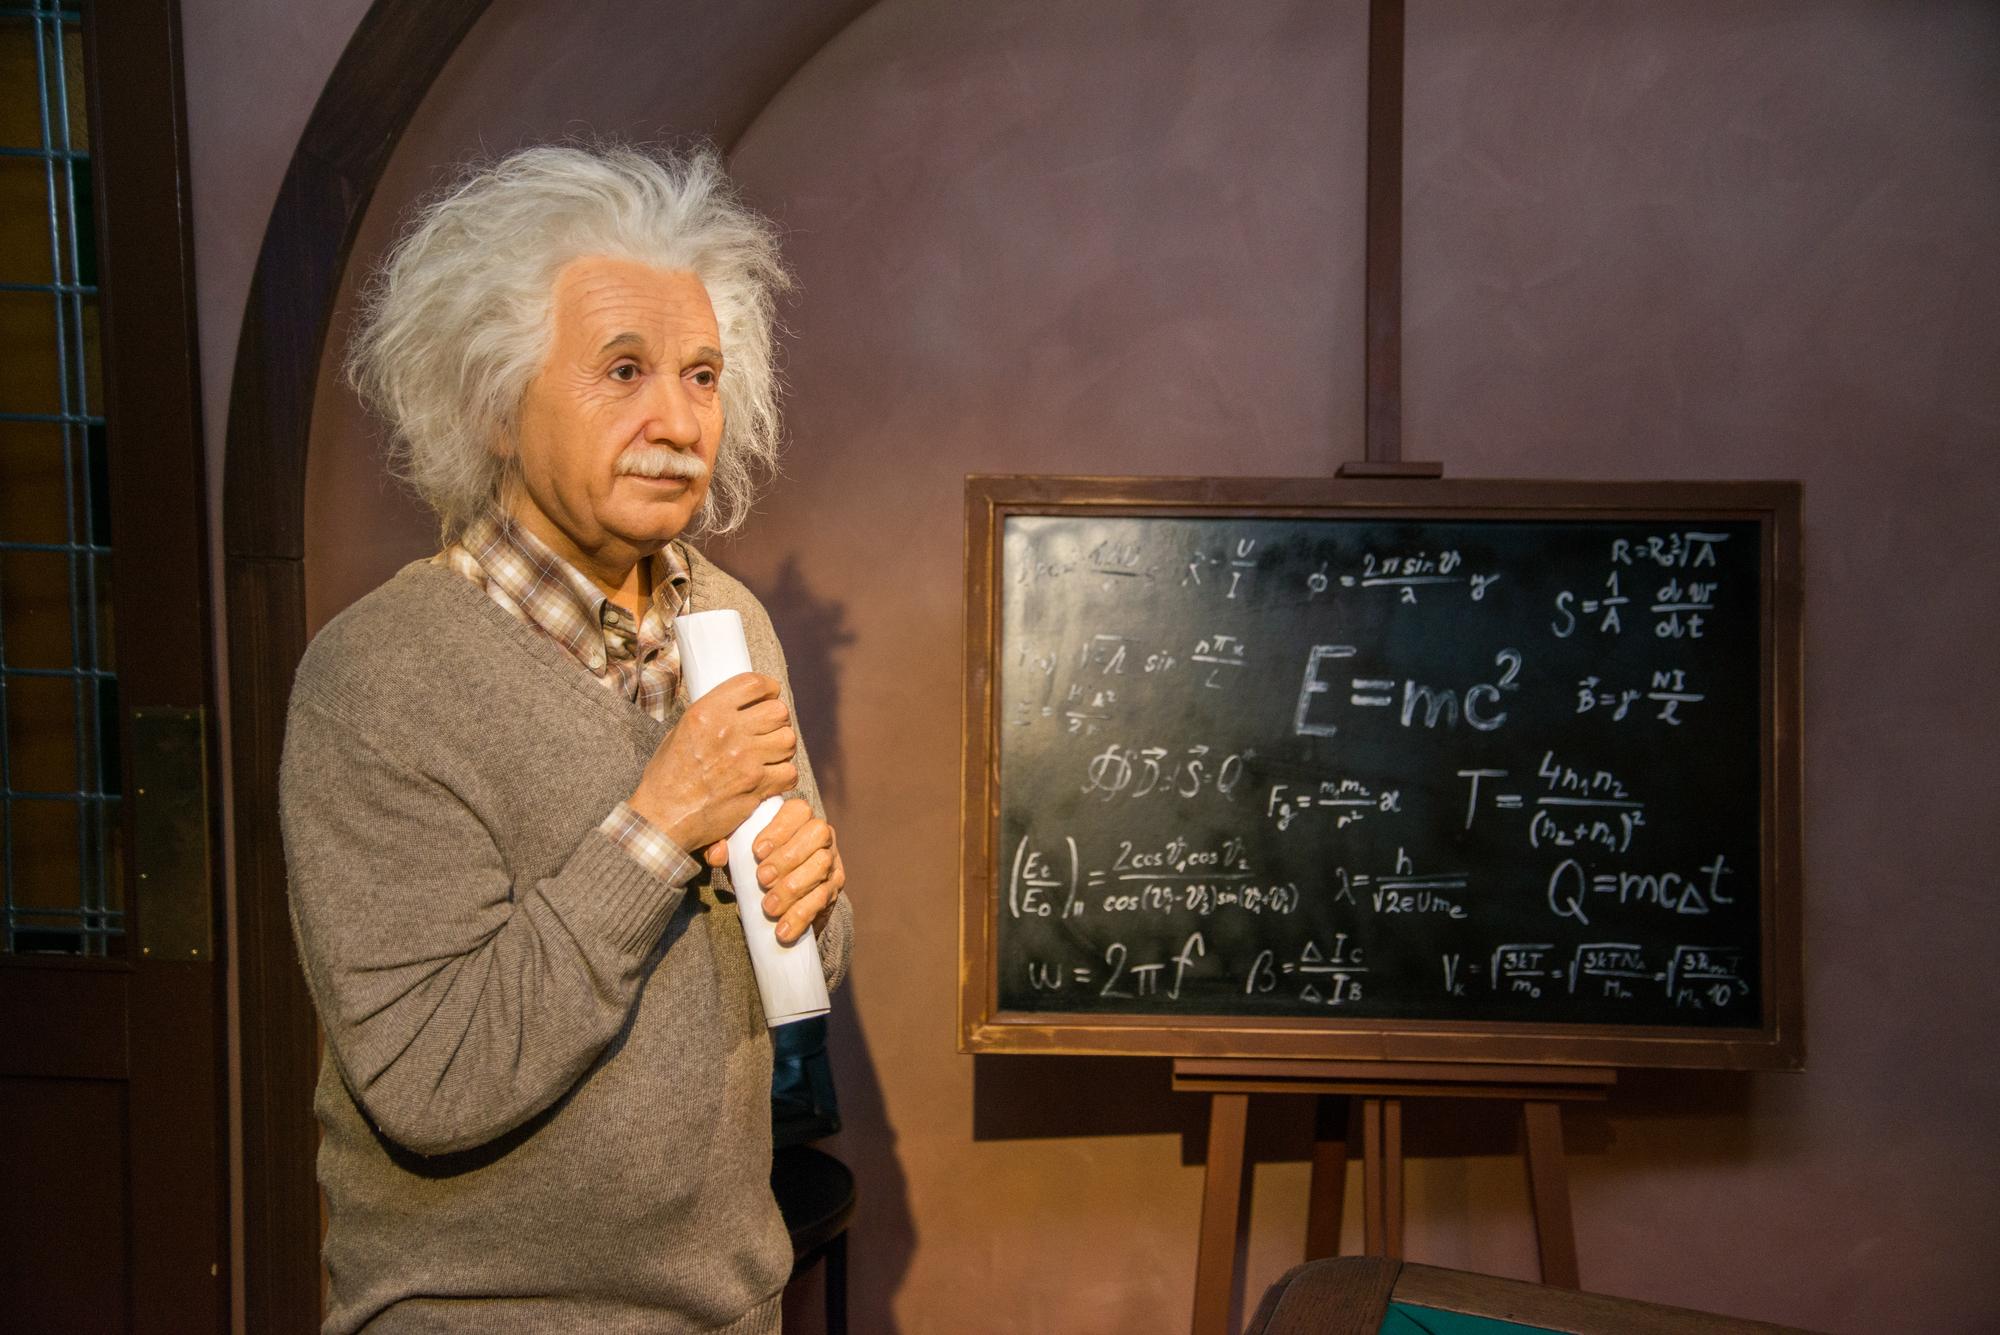 Albert Einstein essay in English 100 words